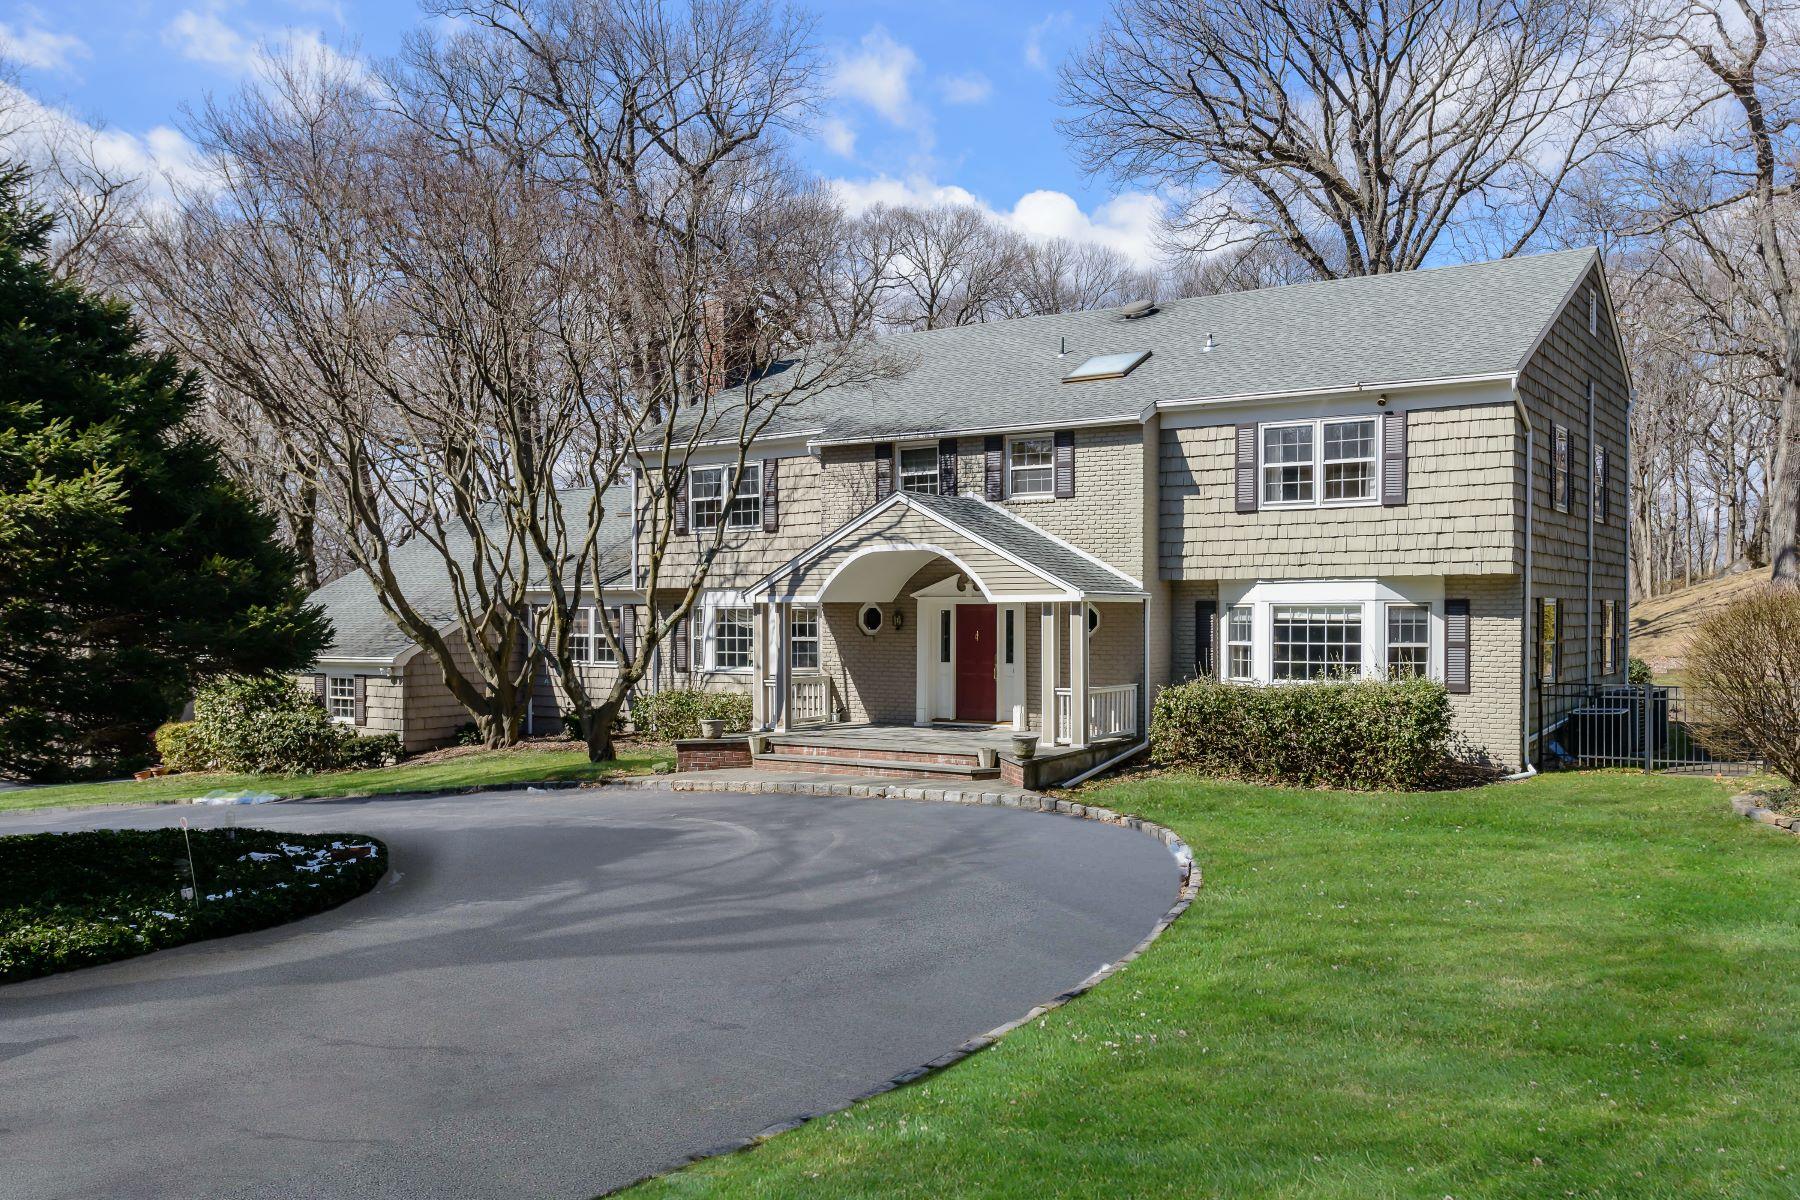 واحد منزل الأسرة للـ Sale في 30 Wood Rd , Sands Point, NY 11050 30 Wood Rd, Sands Point, New York, 11050 United States